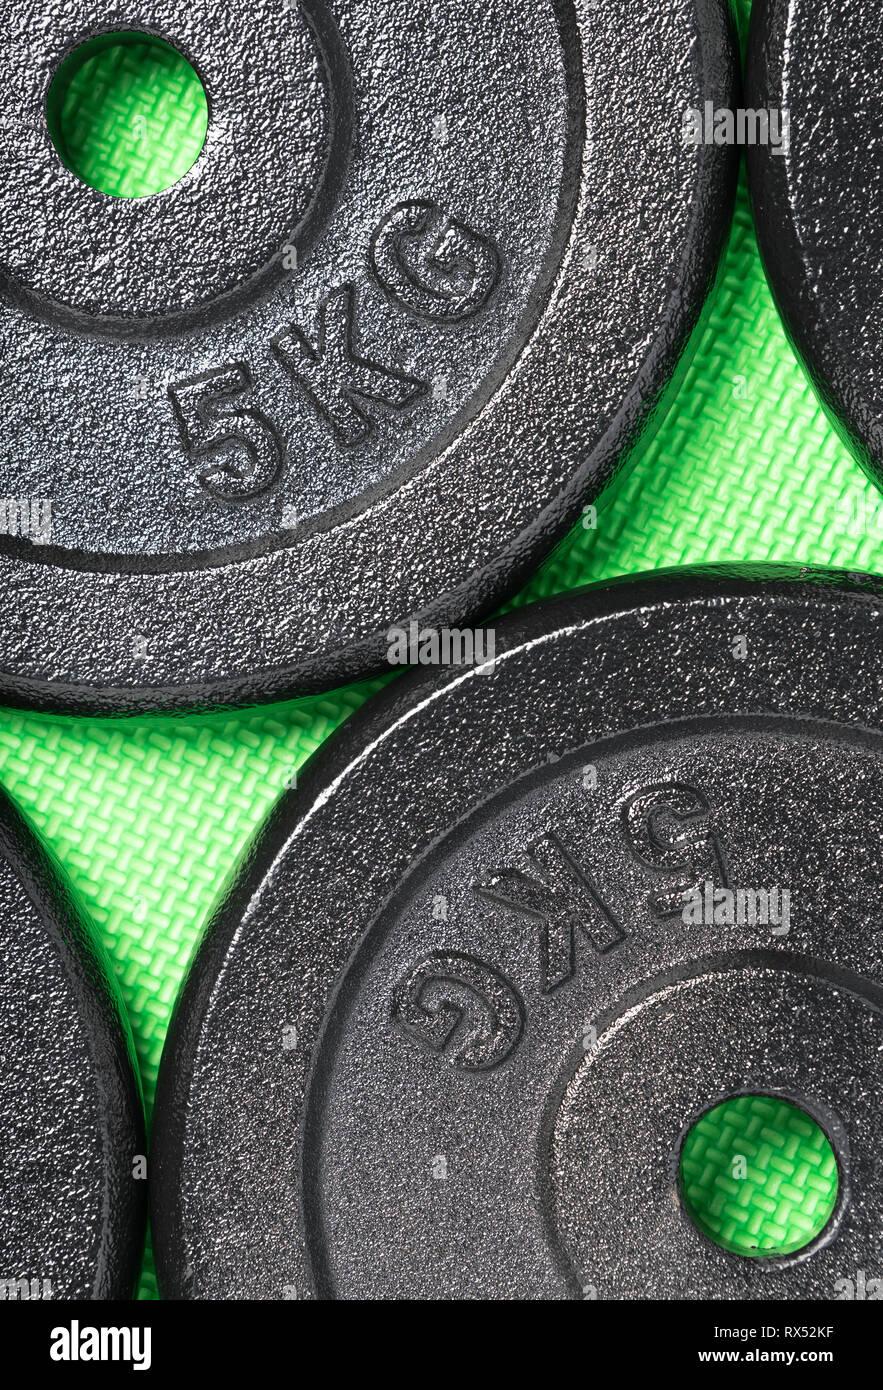 Exercice d'haltères sur un marbre vert à l'intérieur d'une salle de sport de formation de poids Photo Stock